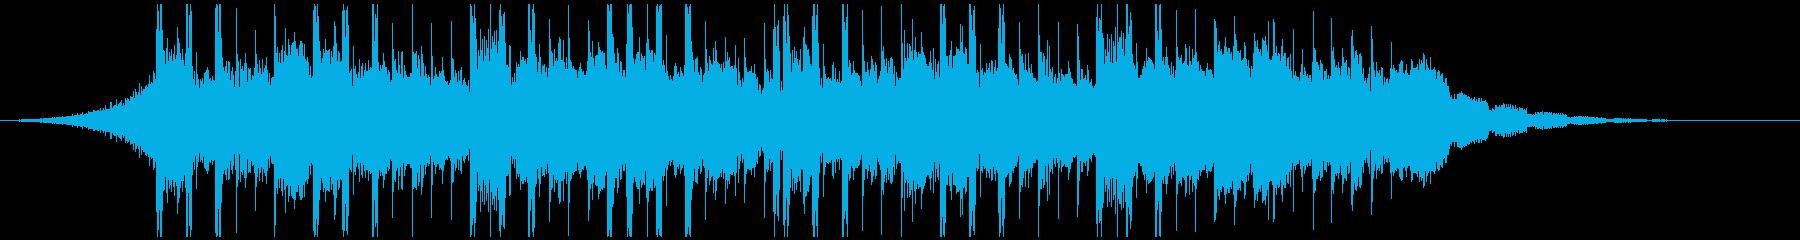 テクノロジーミュージック(ショート)の再生済みの波形